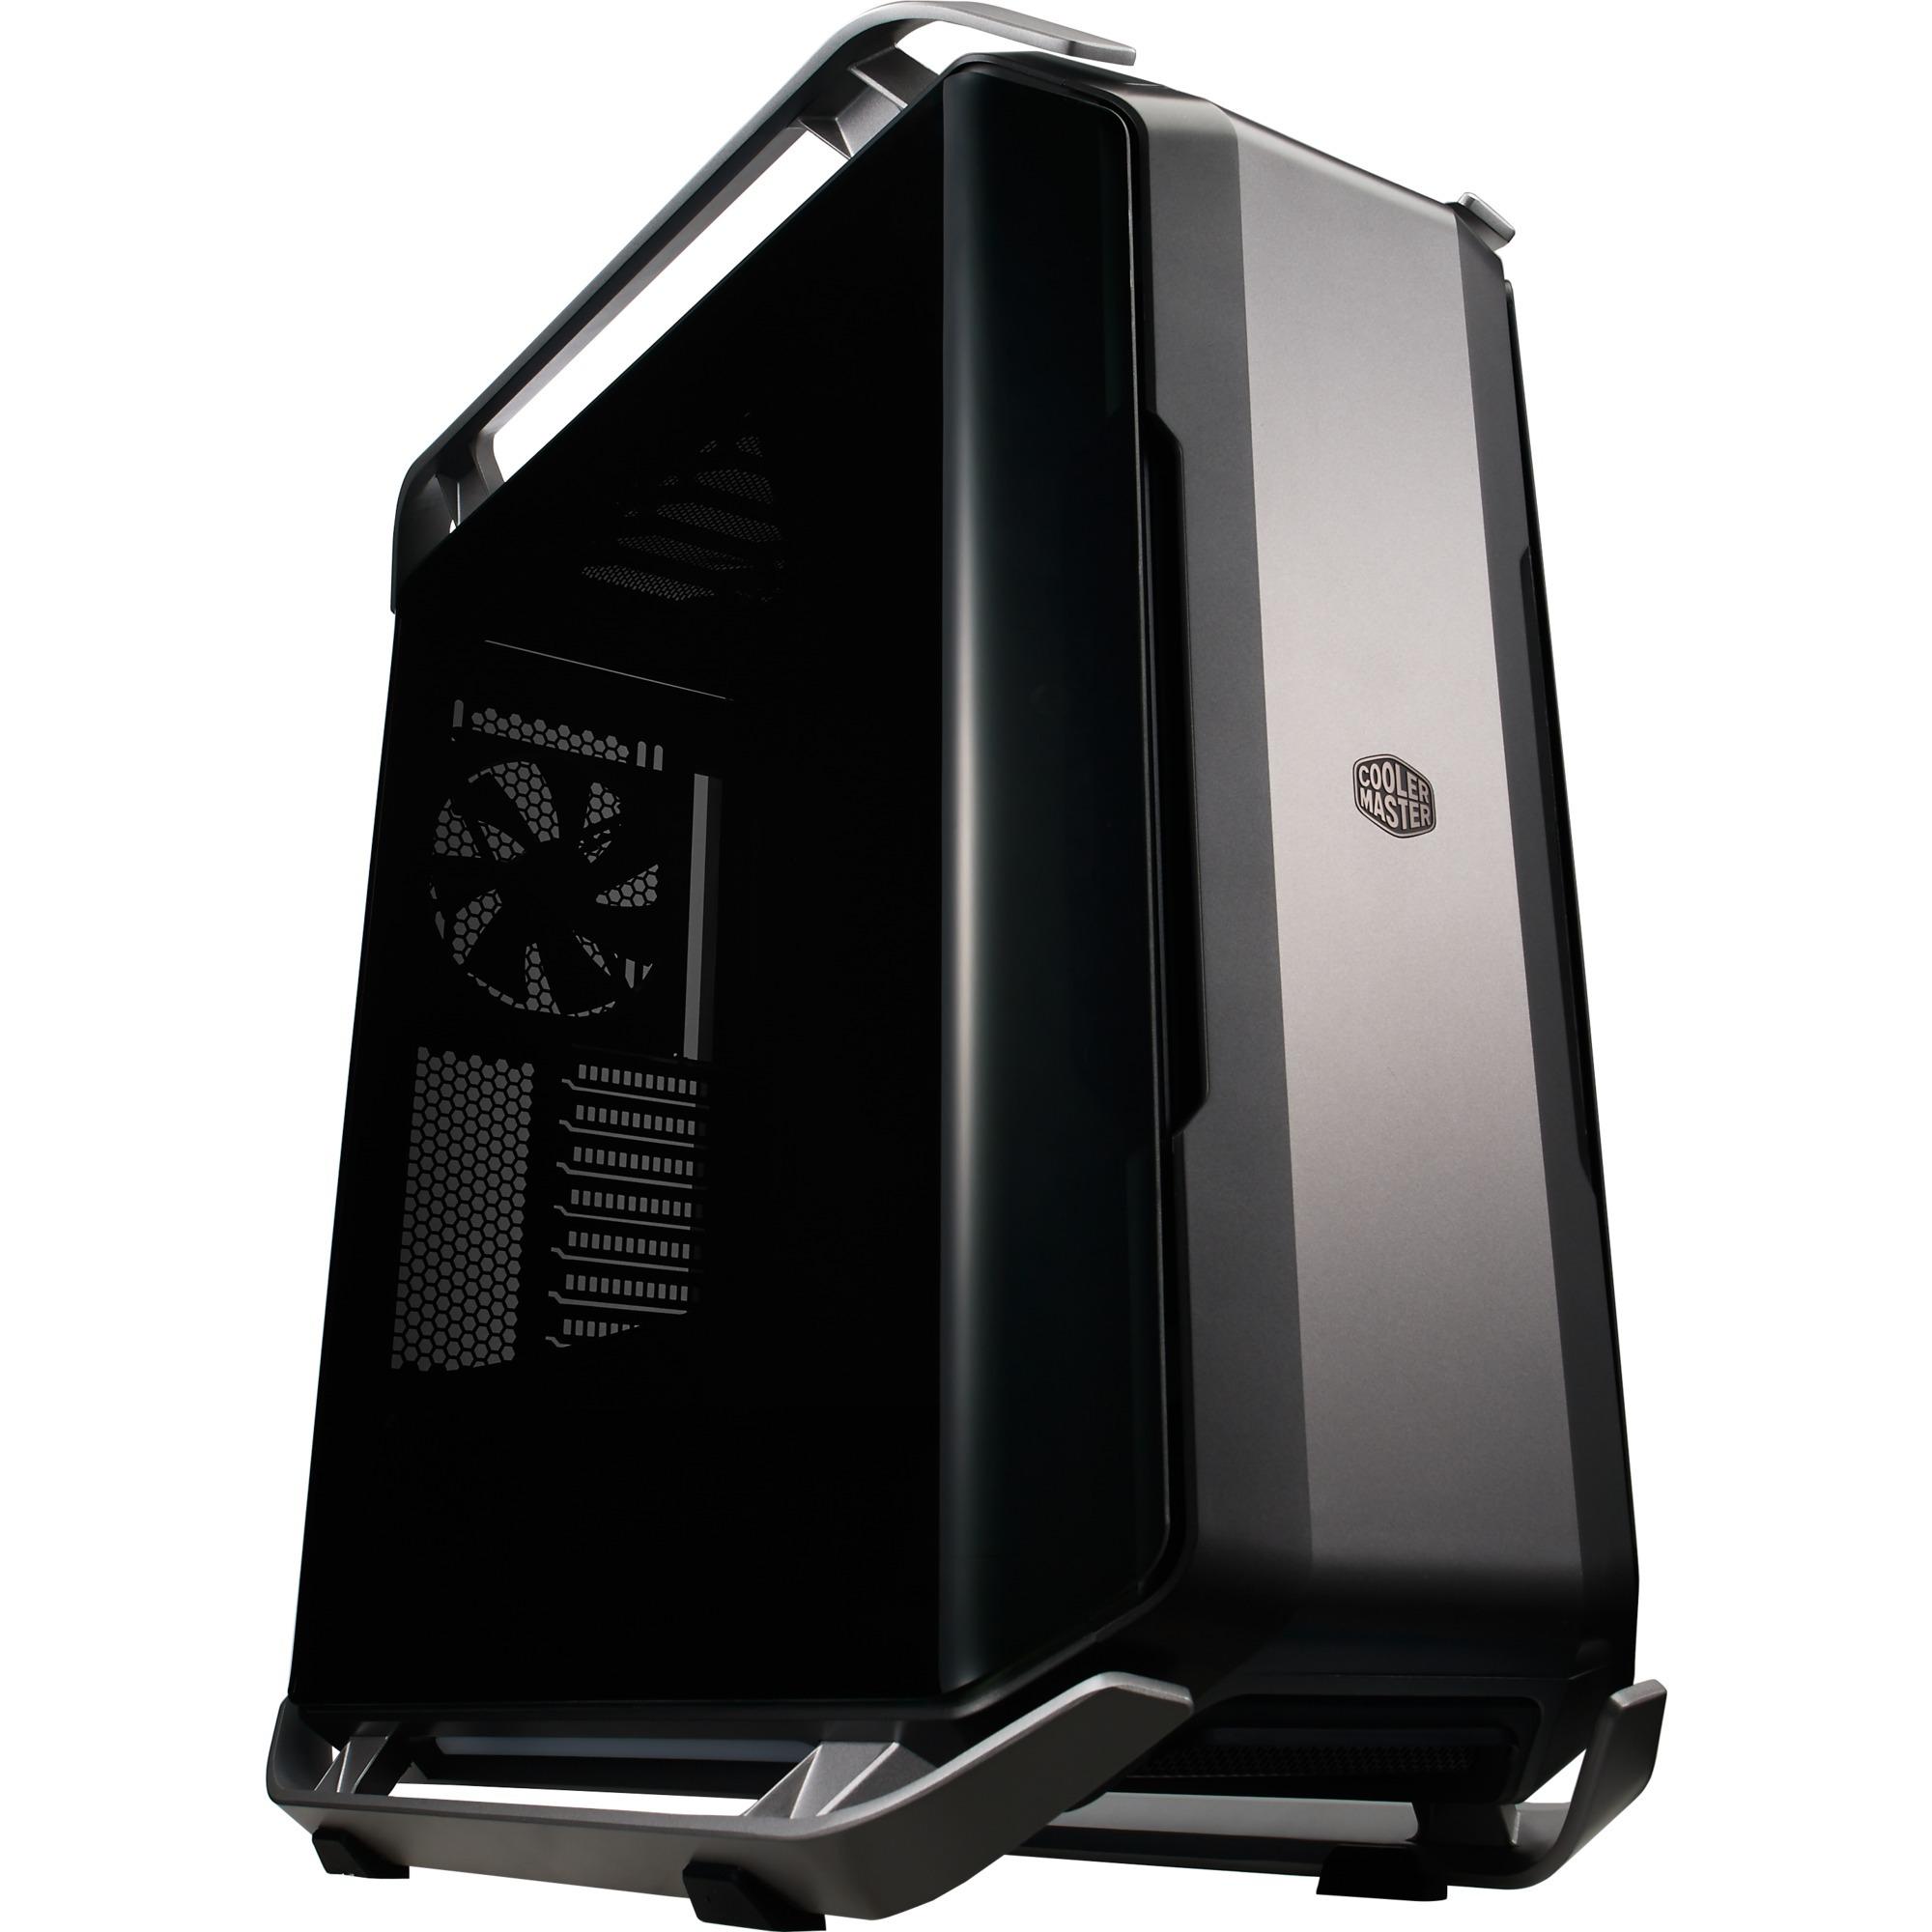 Cosmos C700P Full-Tower Negro, Metálico carcasa de ordenador, Cajas de torre